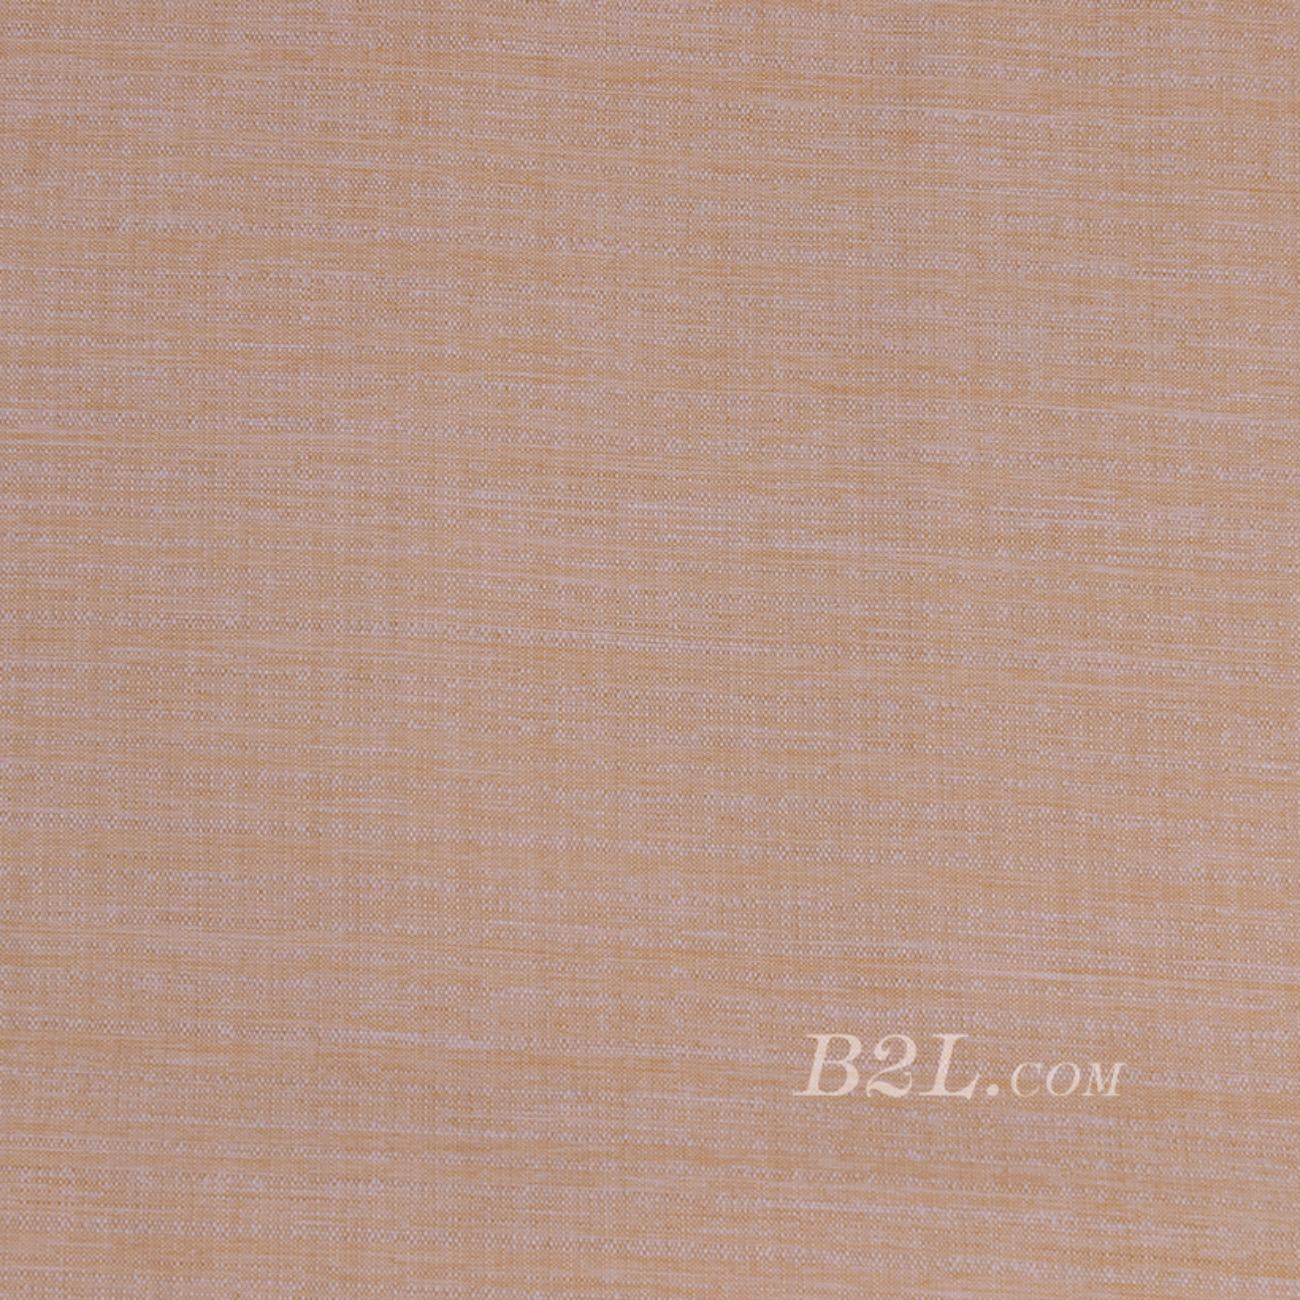 双色竹节梭织格子染色连衣裙 短裙 衬衫 无弹 春 秋 柔软 70823-39